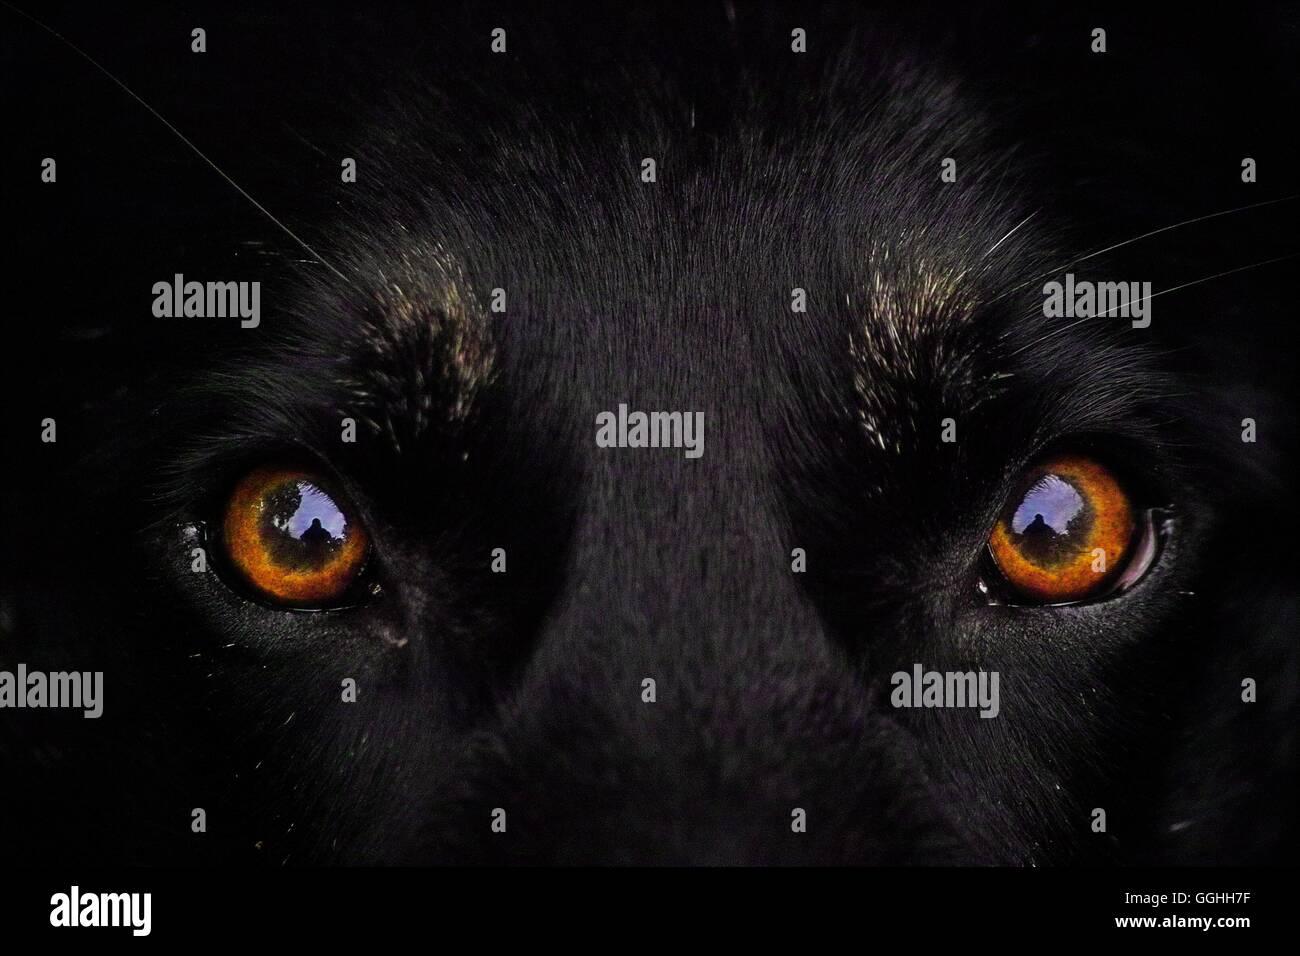 Schwarzer Hund Orange Augen Stockfotos Schwarzer Hund Orange Augen